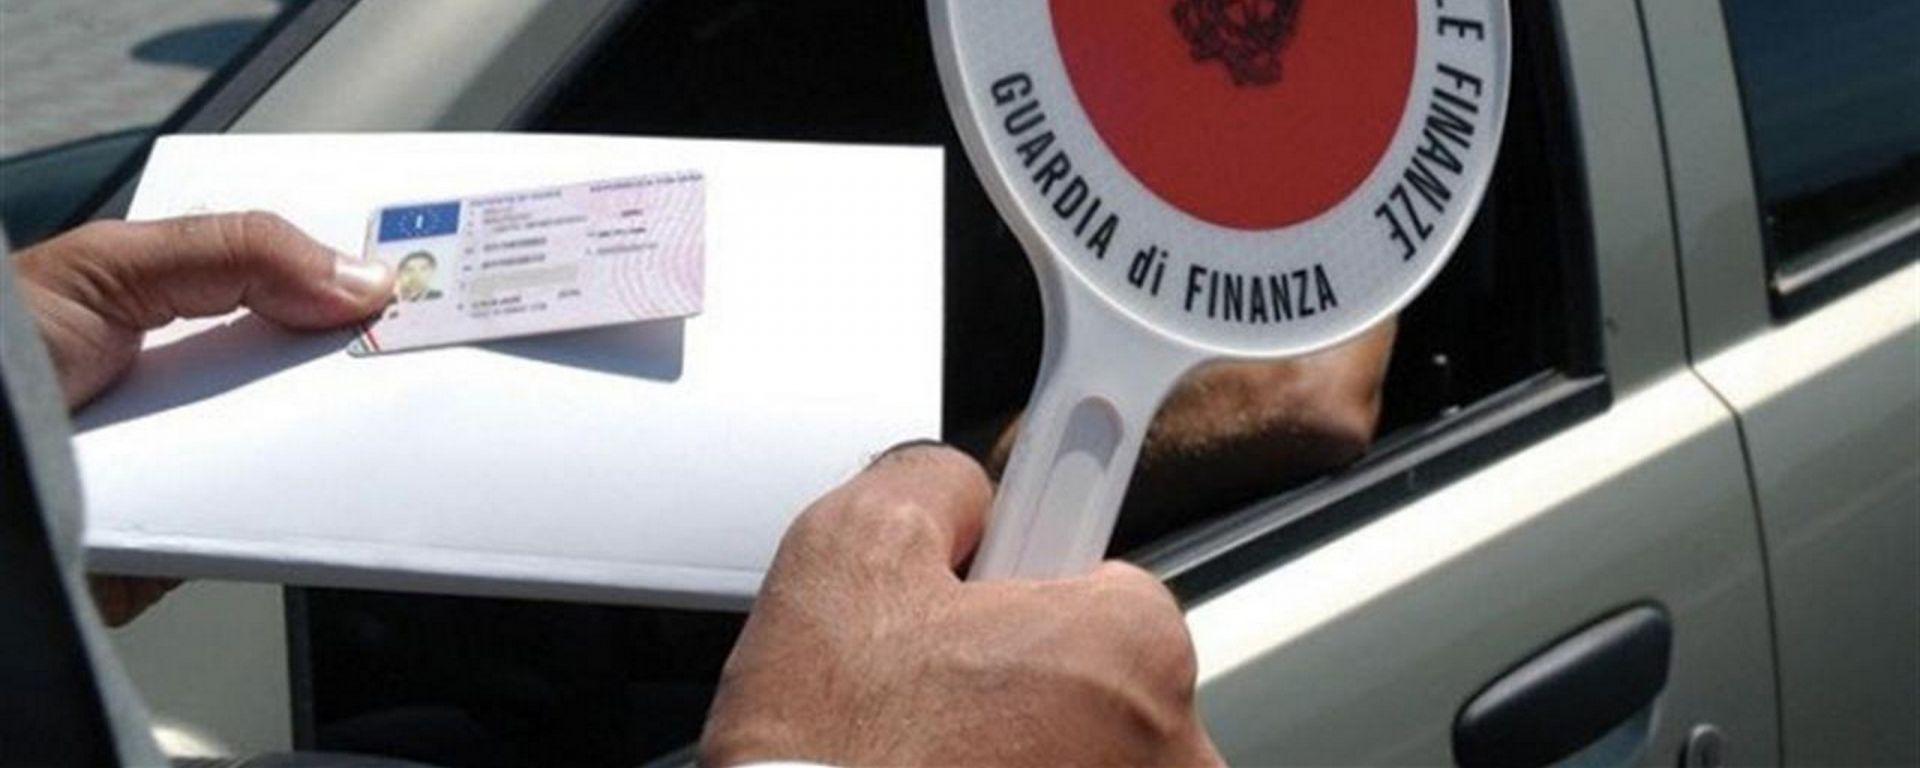 Assicurazione RC Auto scaduta, ritiro patente se sorpresi la seconda volta